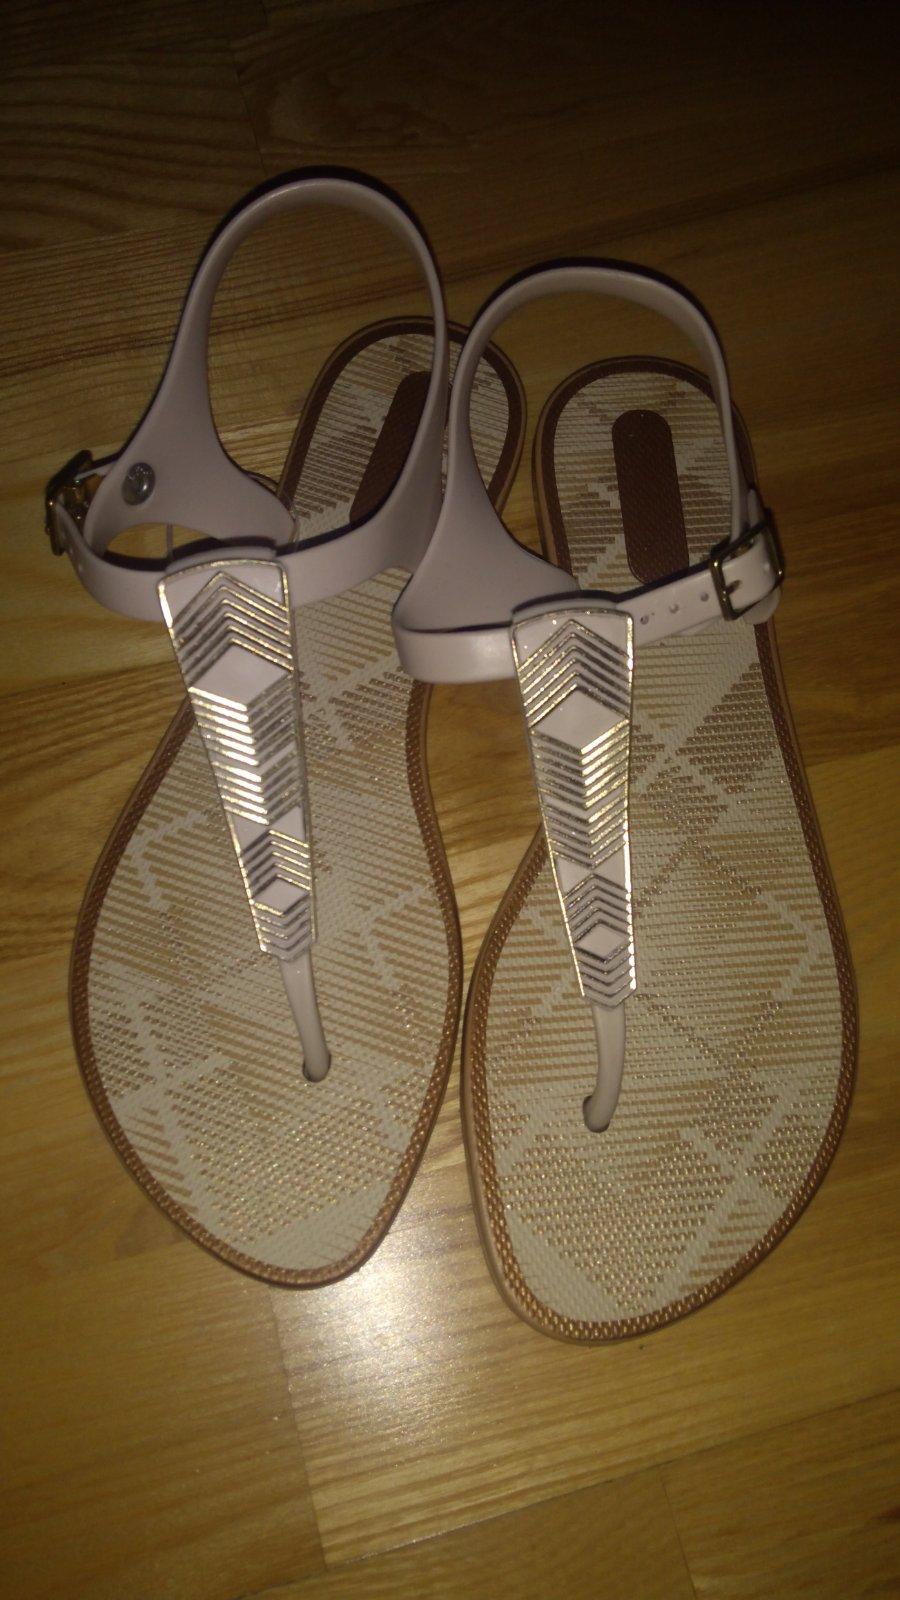 b9a5c4bb1ef12 Značkové sandále grendha, 37 - 8 € od predávajúcej sweetlife001 ...